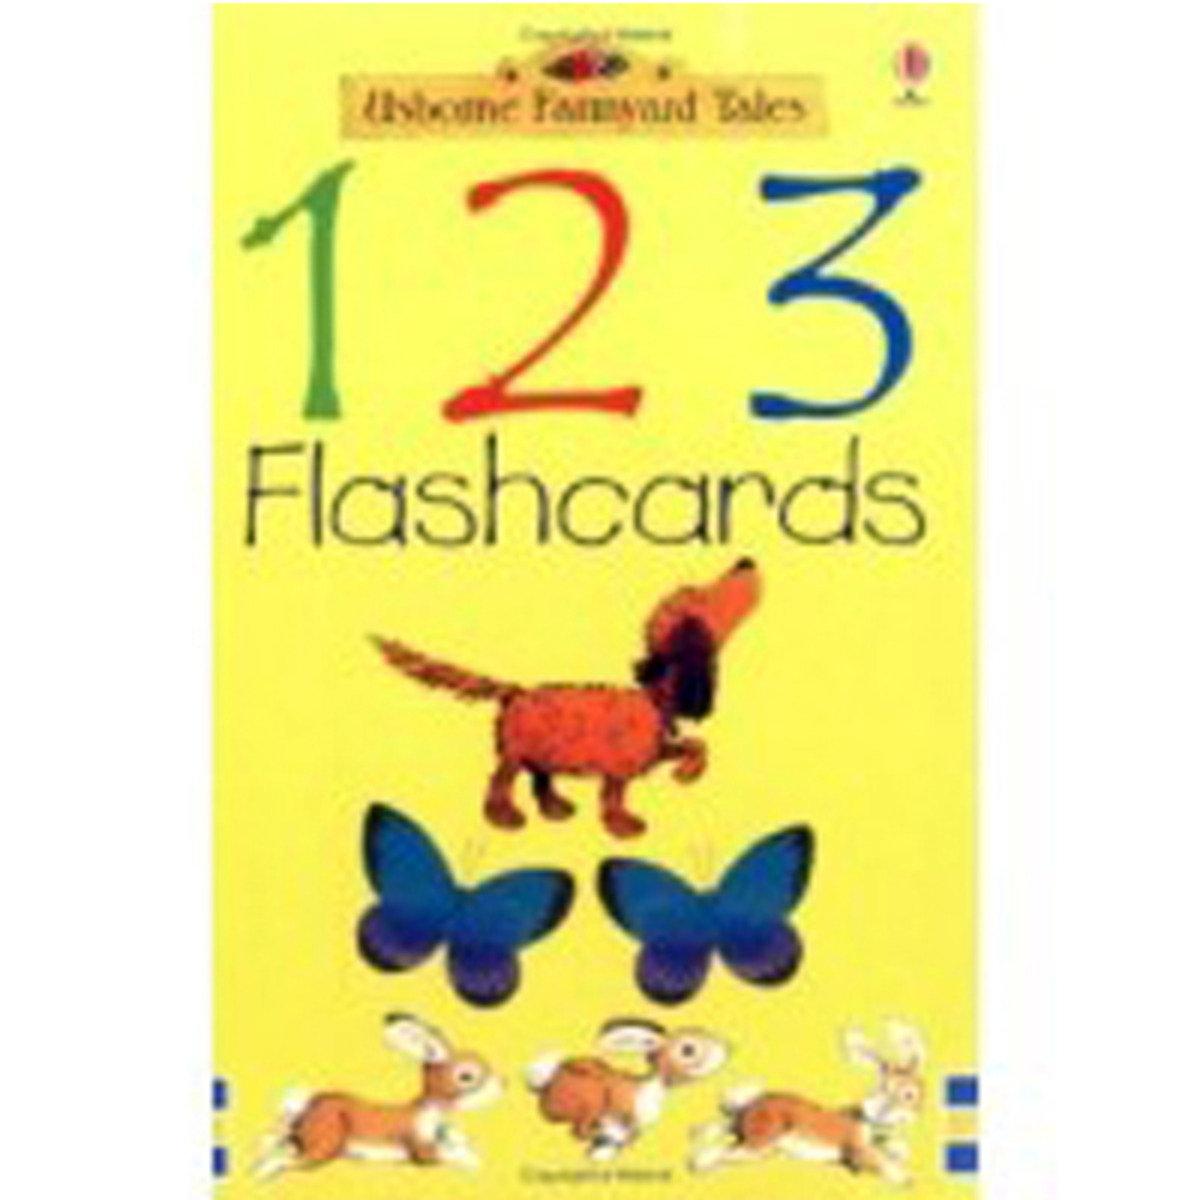 Farmyard Tales Flashcards: 1, 2, 3